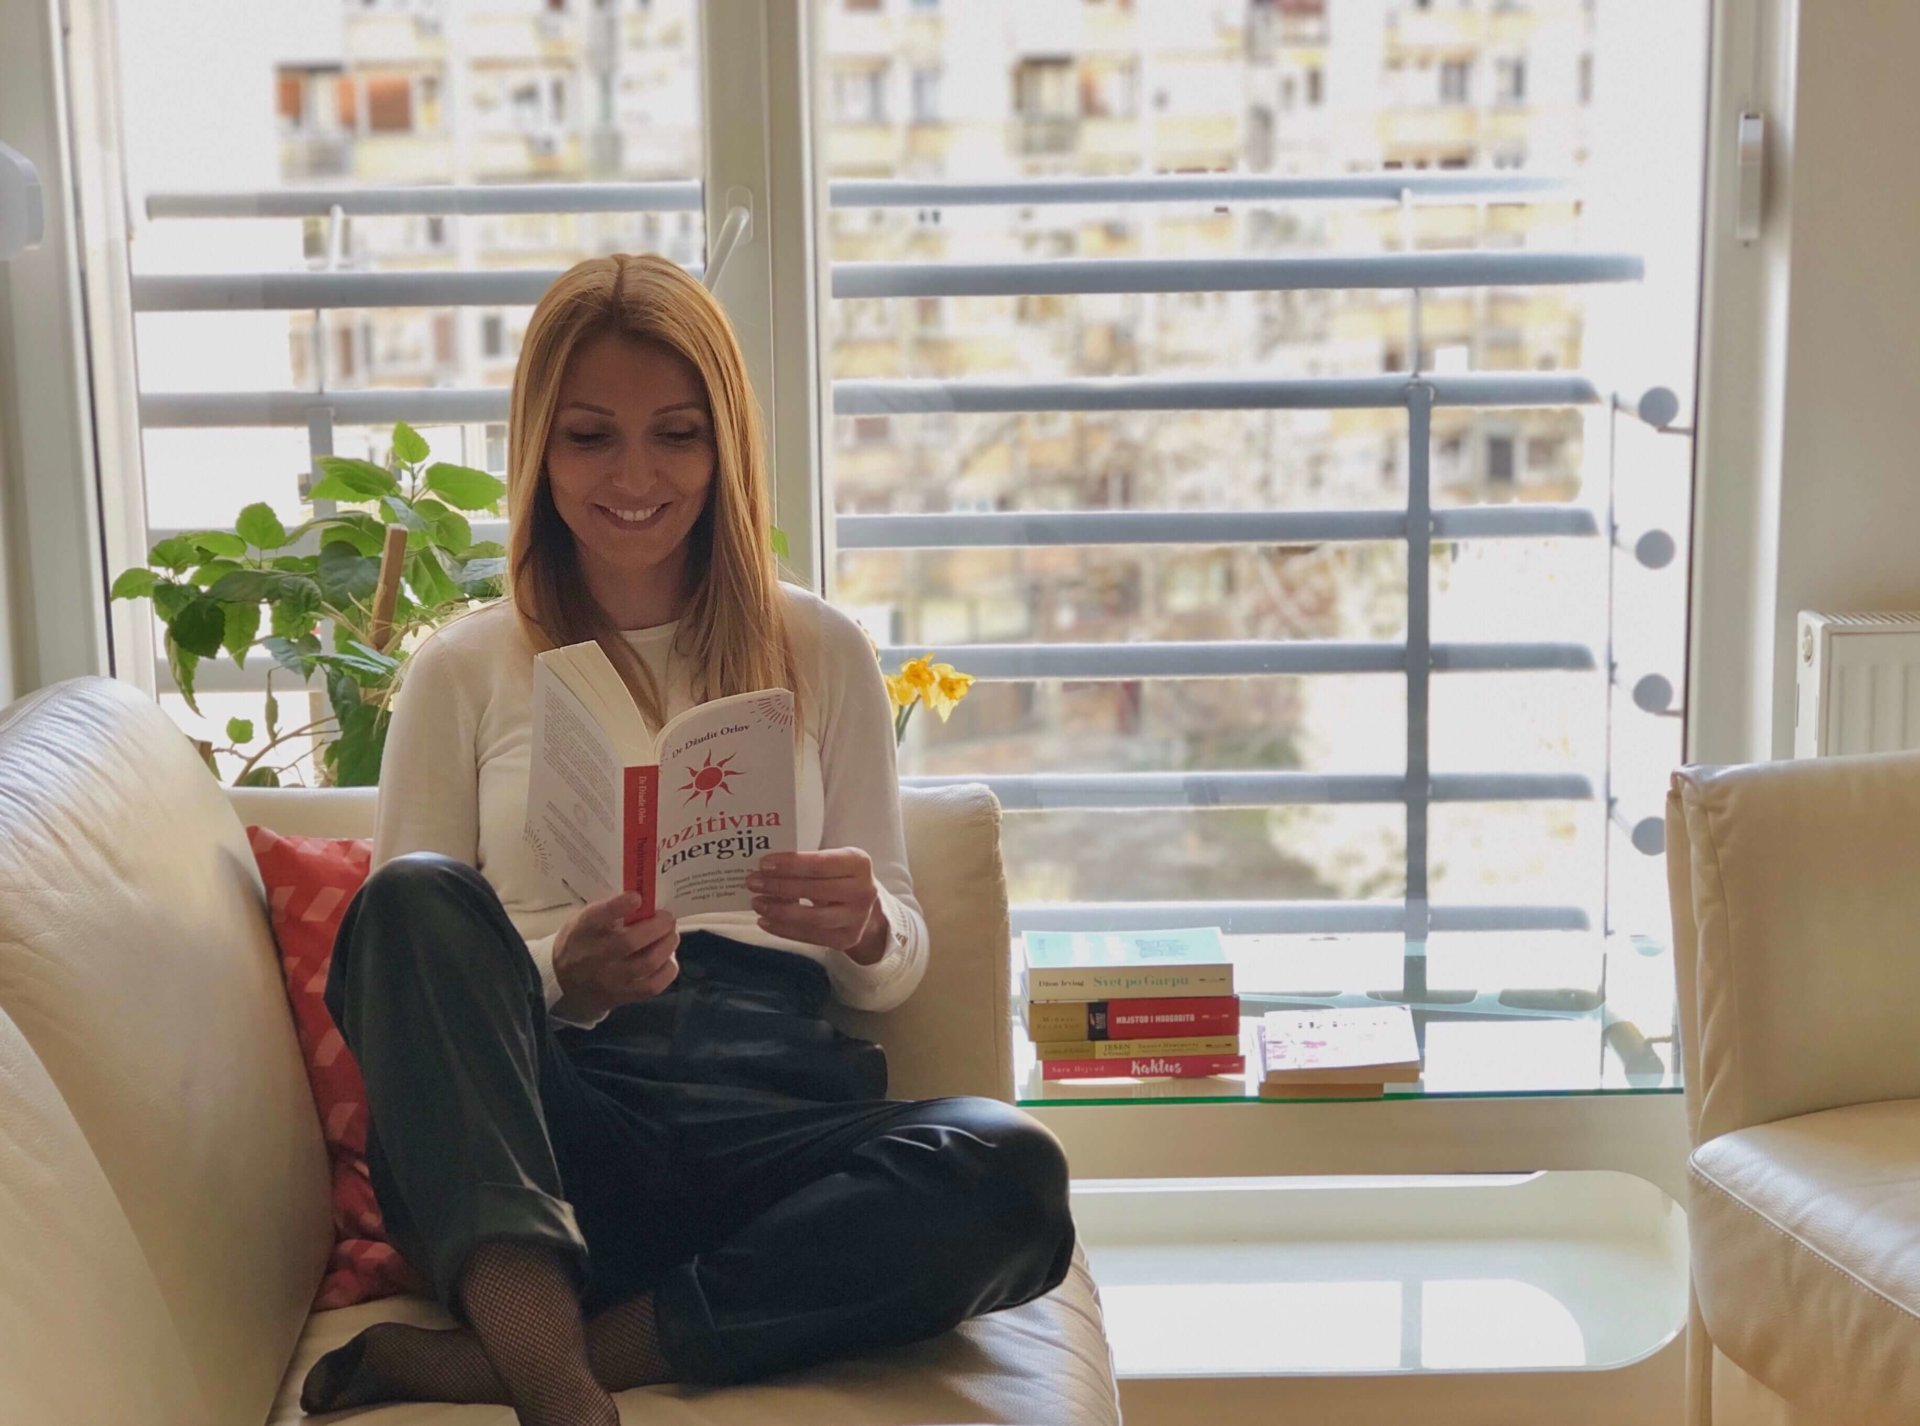 10 knjiga vrijednih čitanja u izolaciji